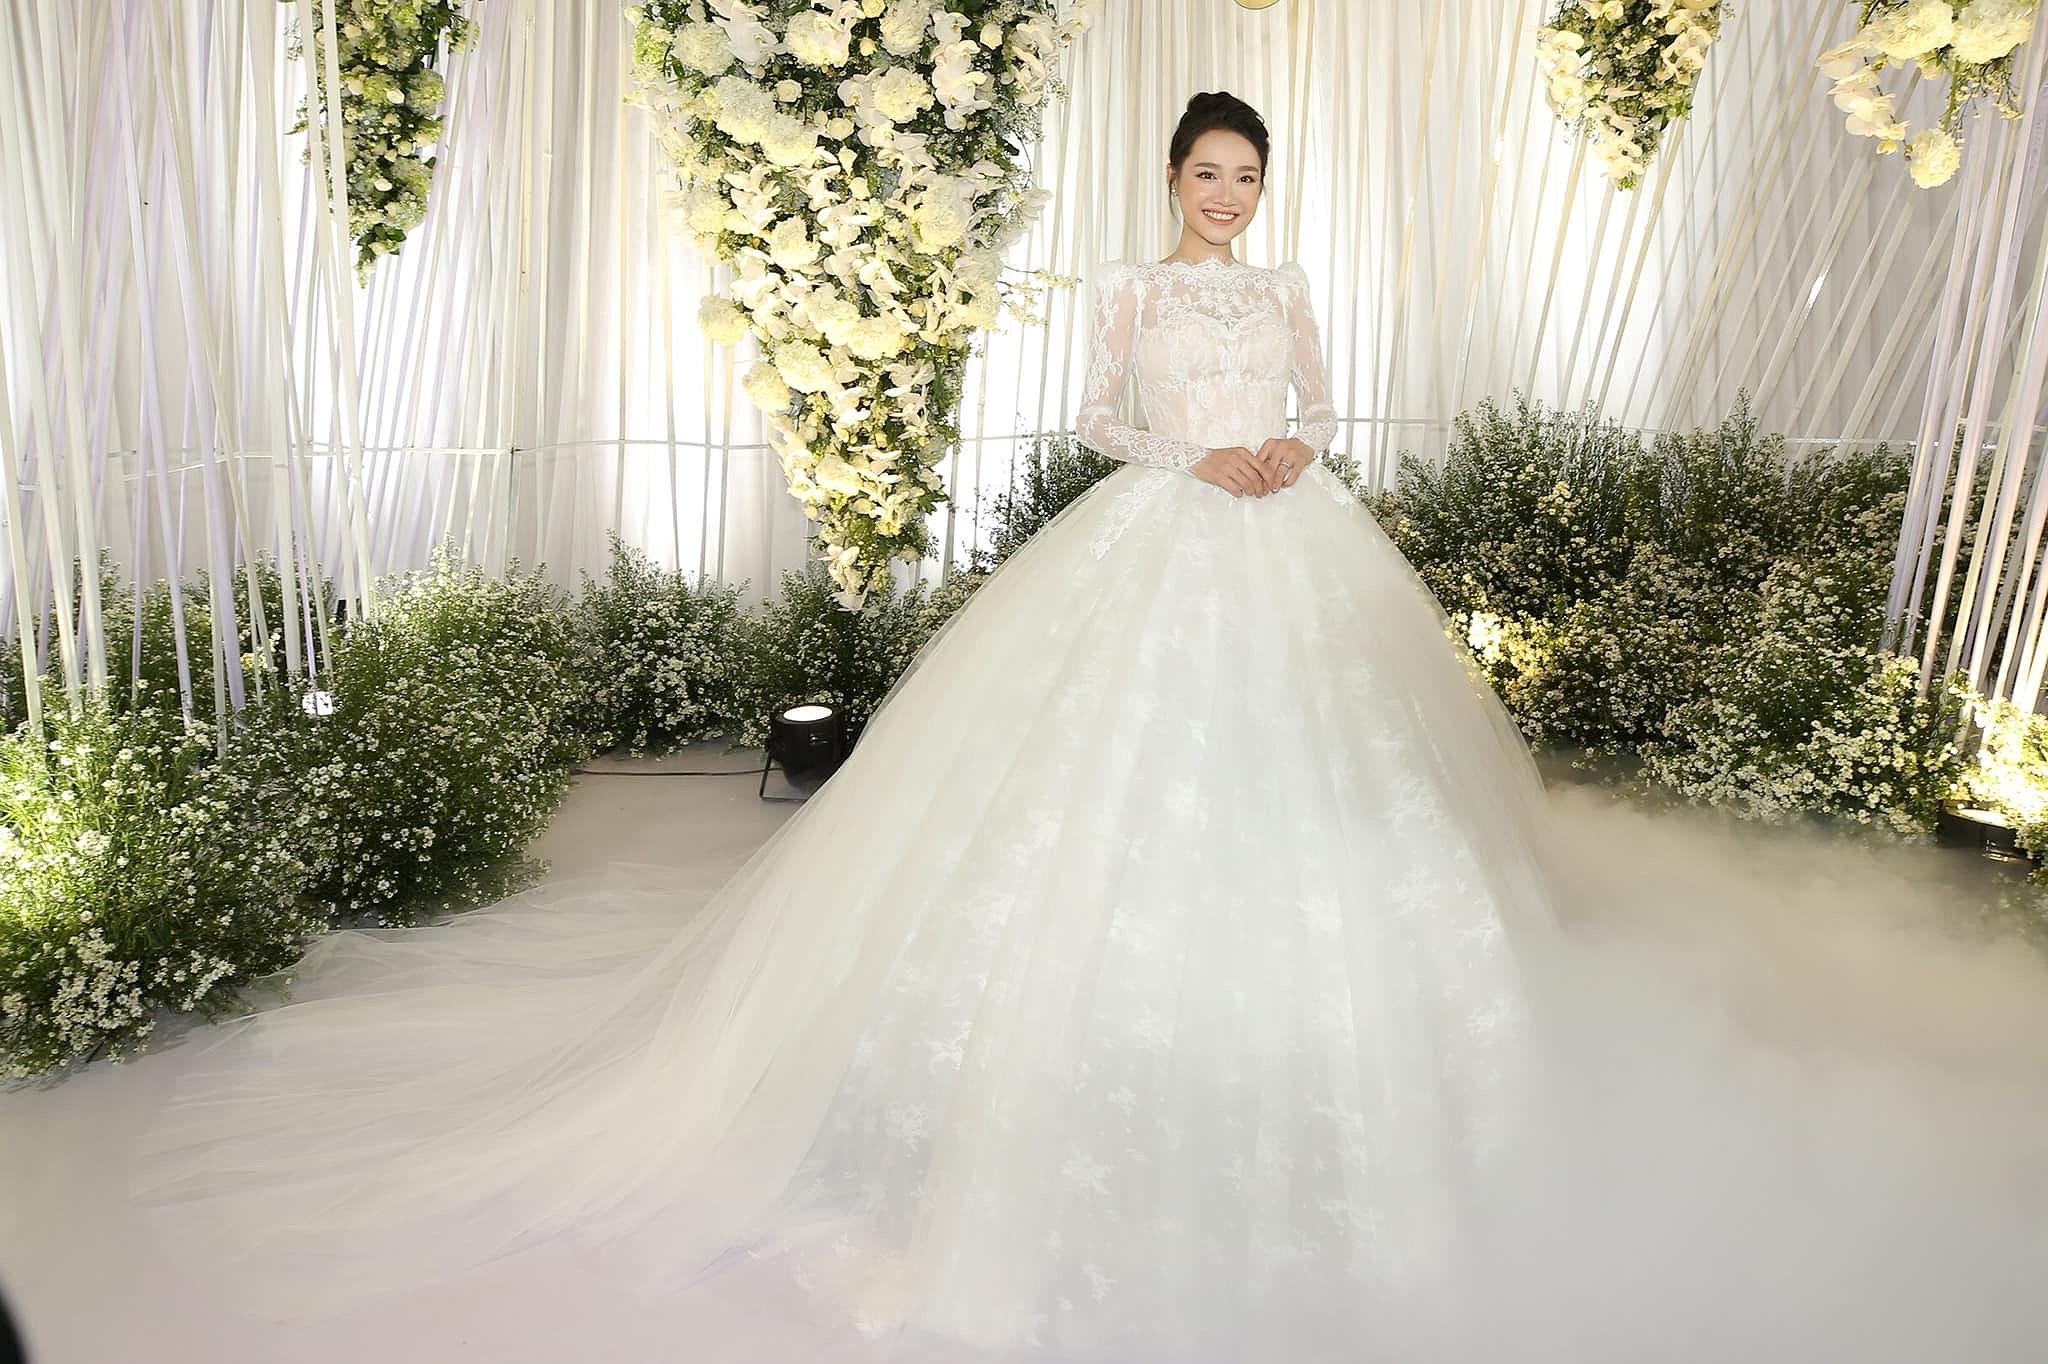 Tiệc cưới đẹp như cổ tích của Nhã Phương, Trường Giang Ảnh 5